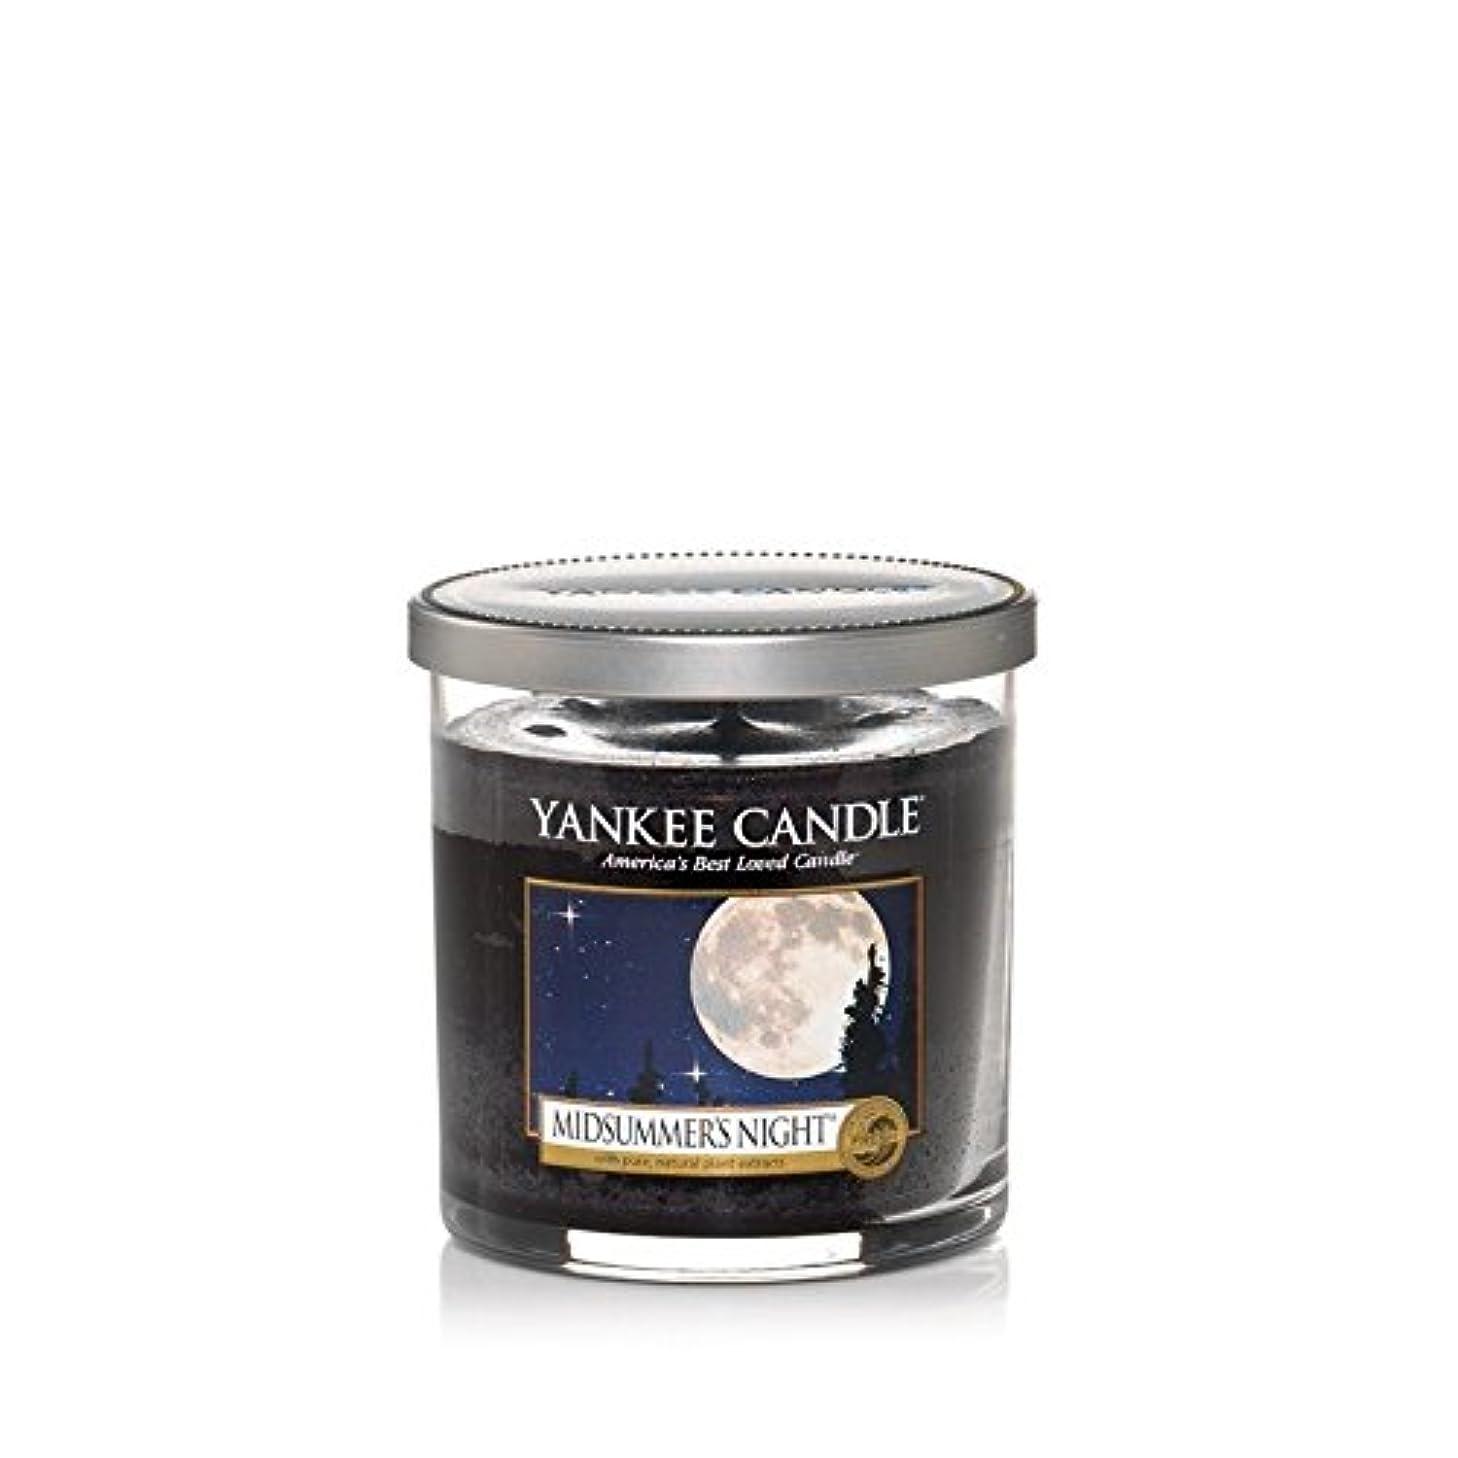 ぬいぐるみ線形寄託Yankee Candles Small Pillar Candle - Midsummers Night (Pack of 6) - ヤンキーキャンドルの小さな柱キャンドル - Midsummers夜 (x6) [並行輸入品]